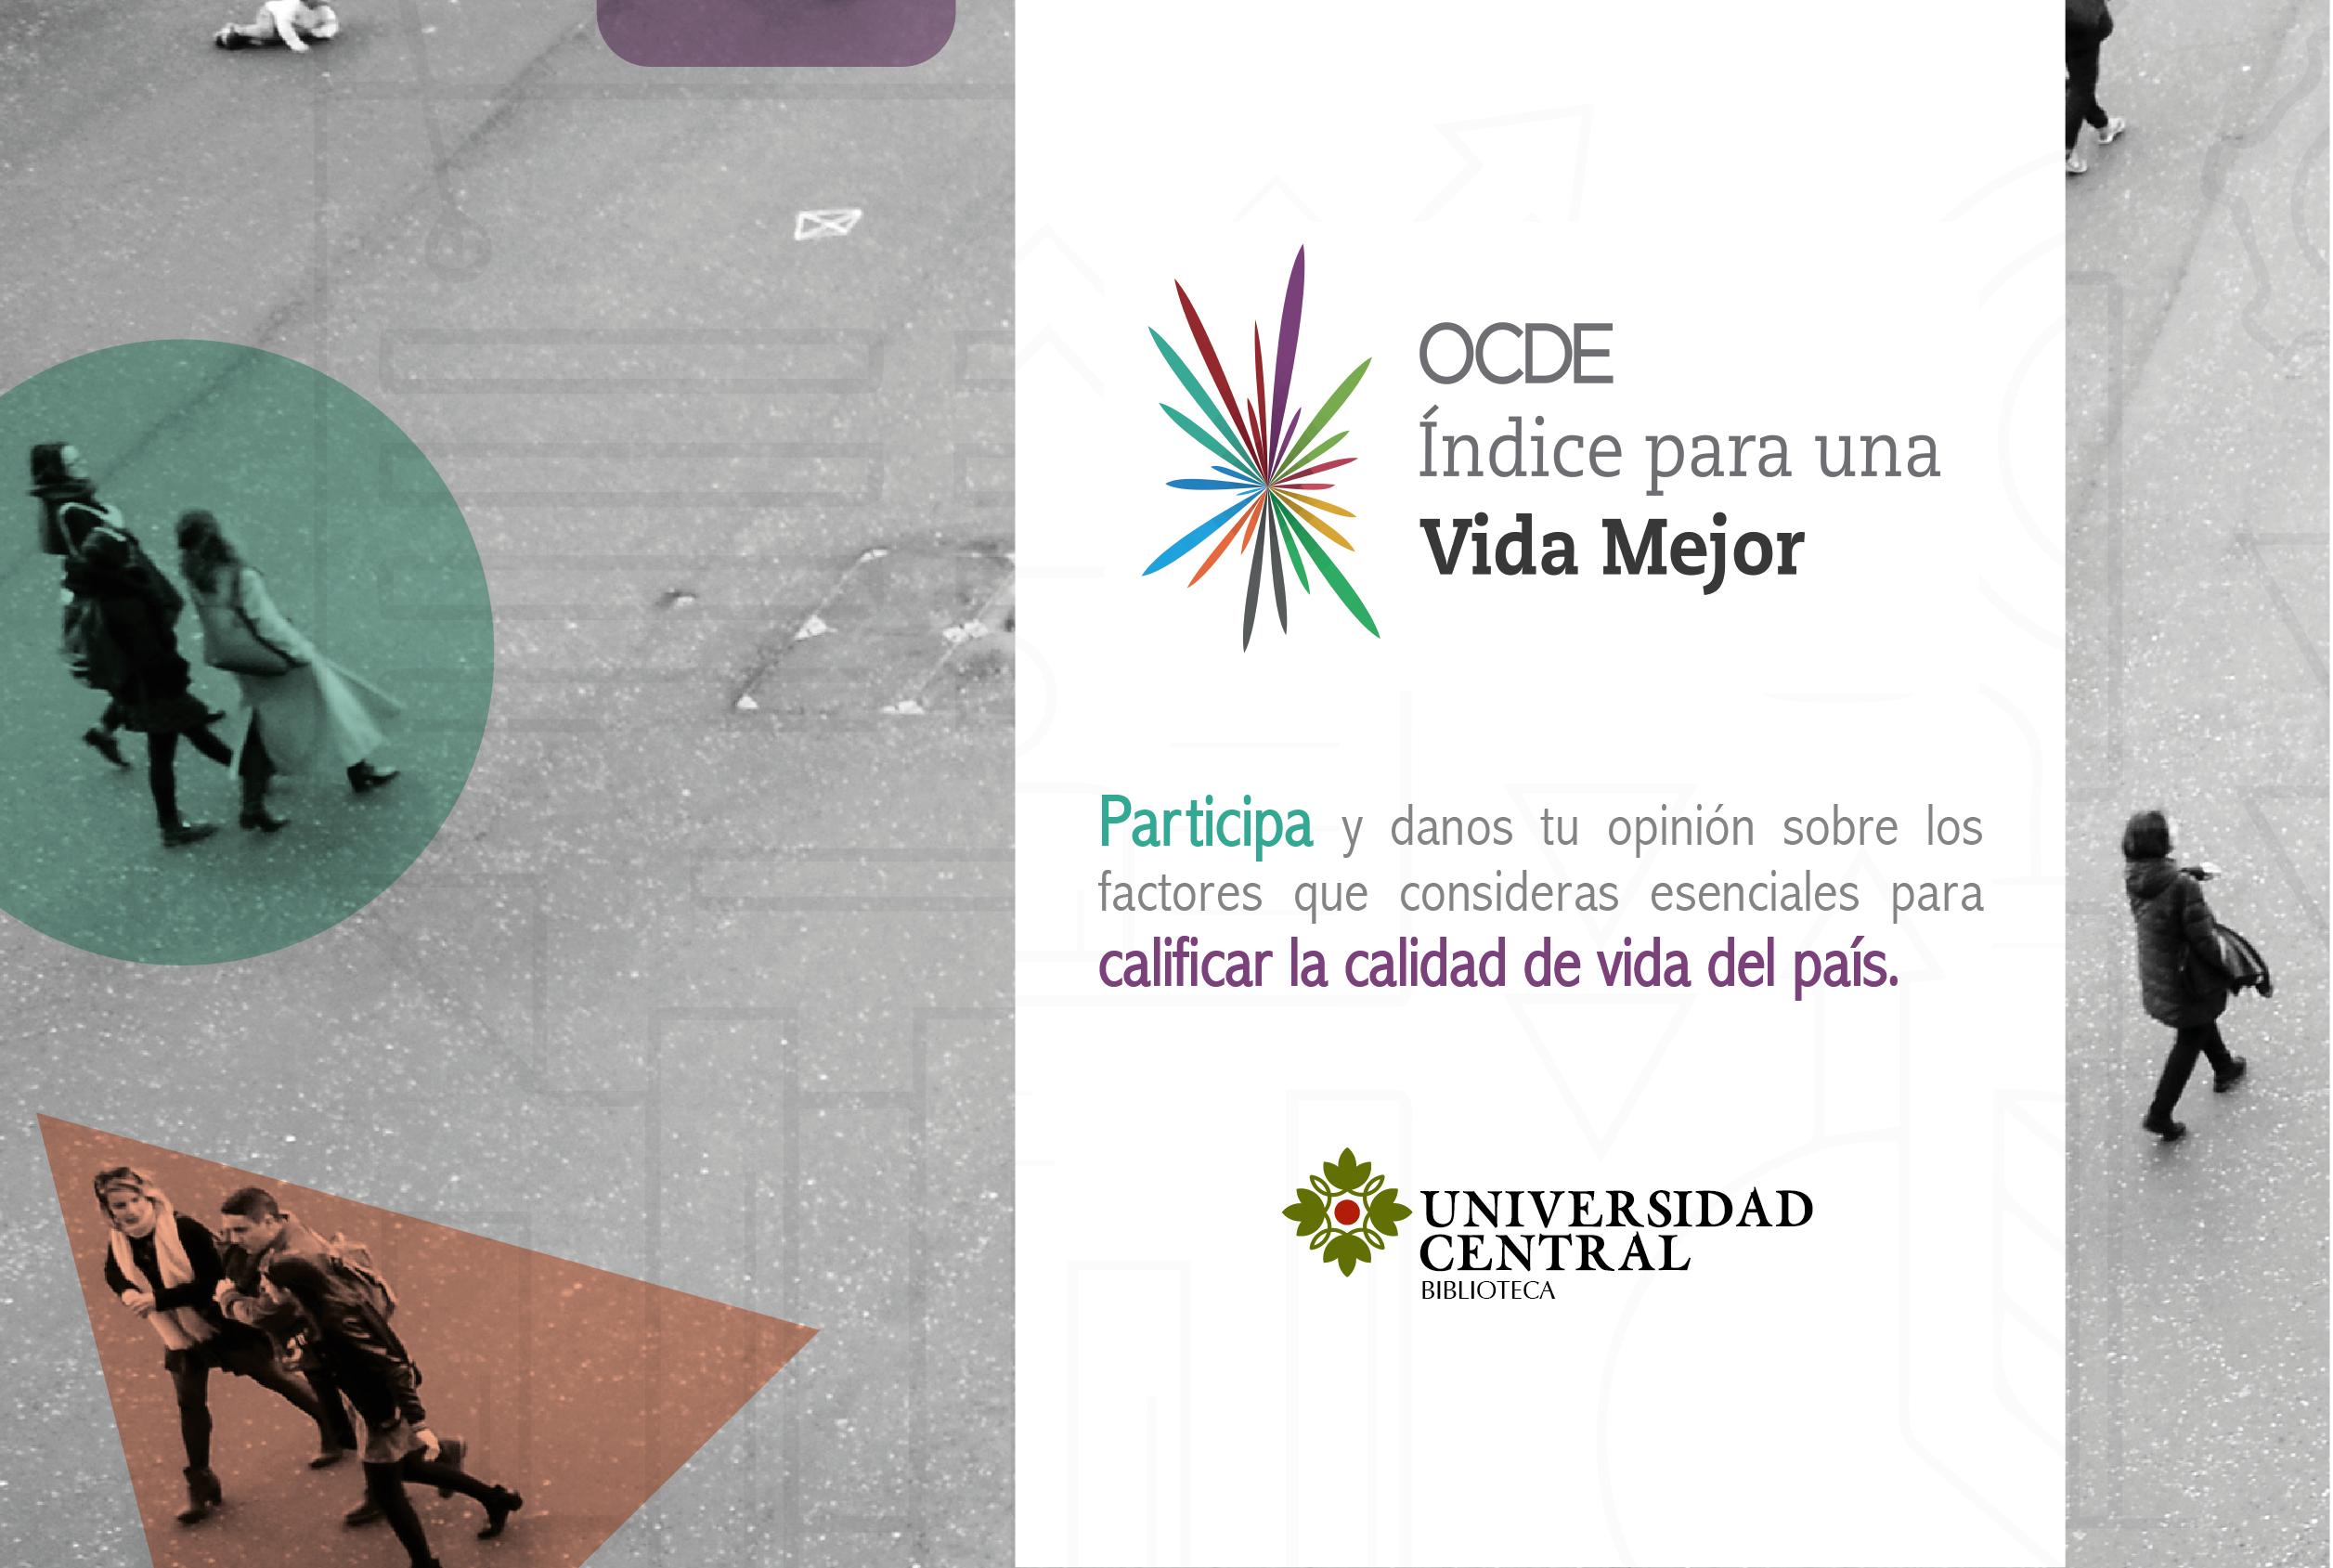 Iniciativa OCDE